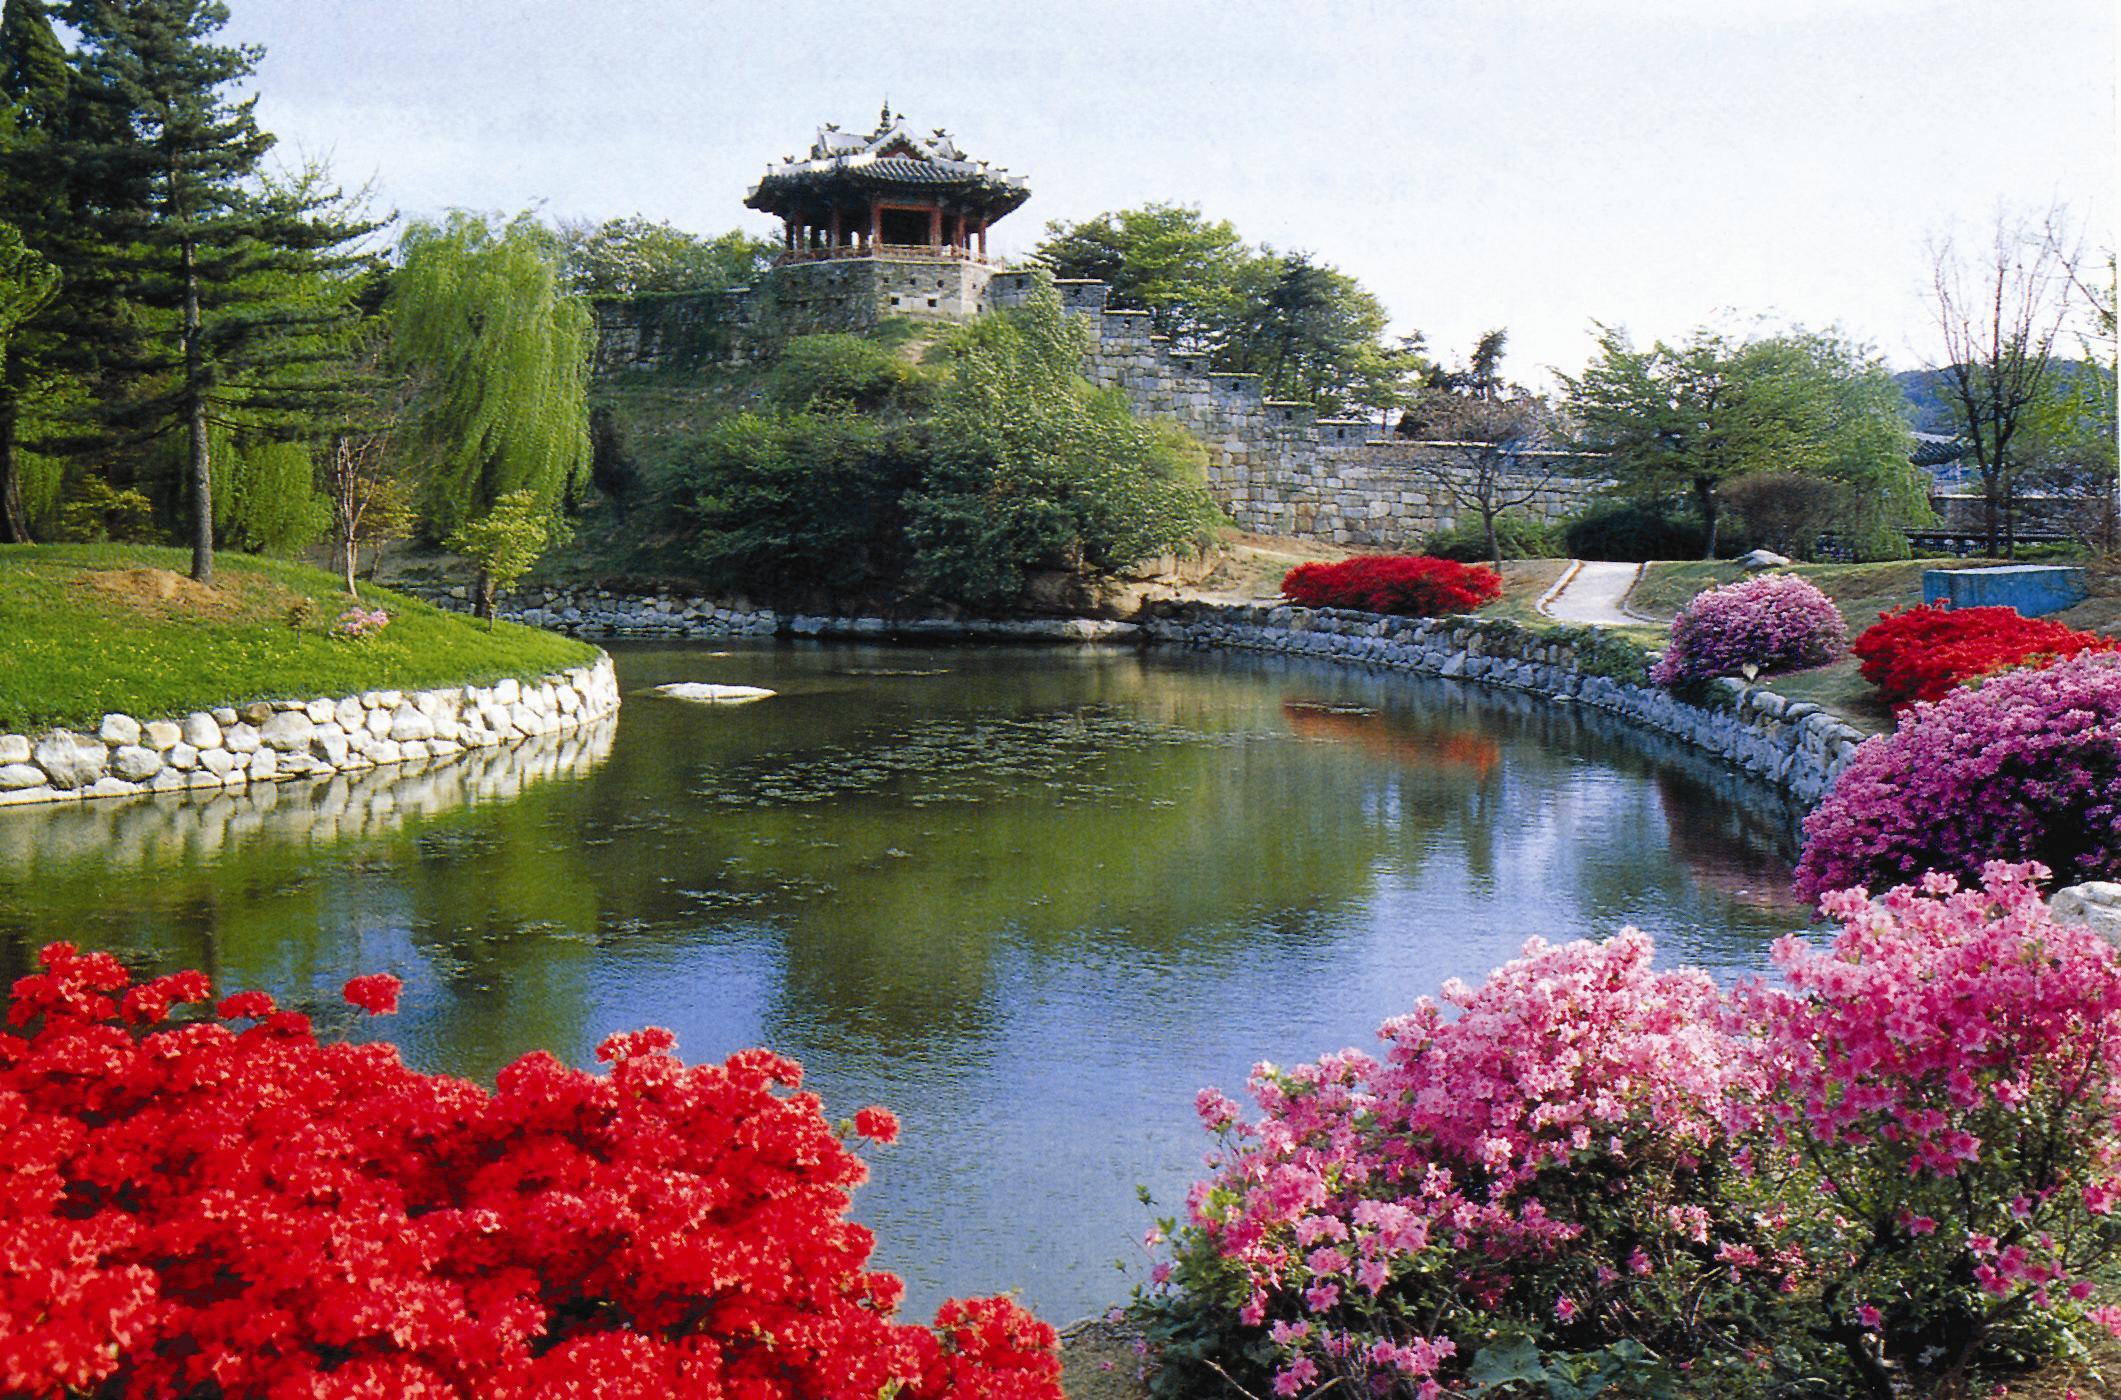 水原華城の画像 p1_38